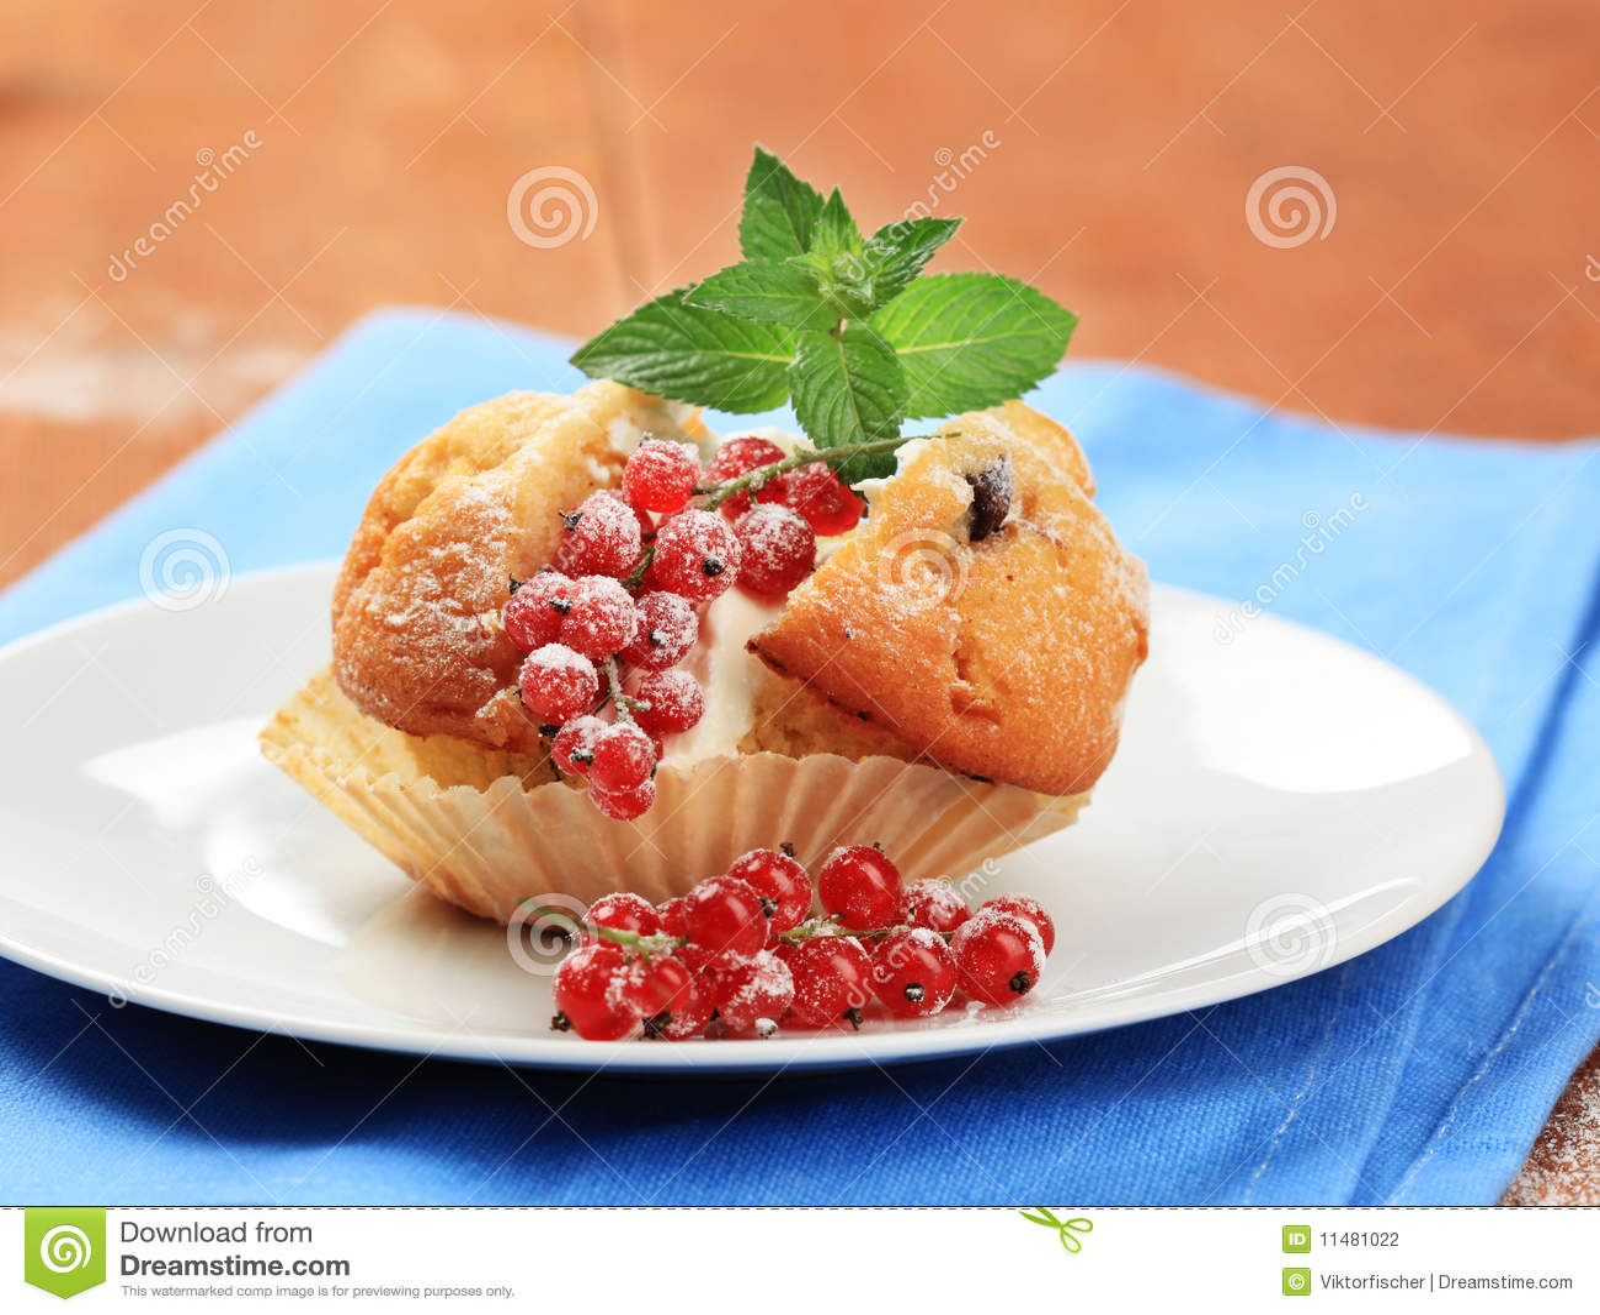 Geschmackvolles Muffin